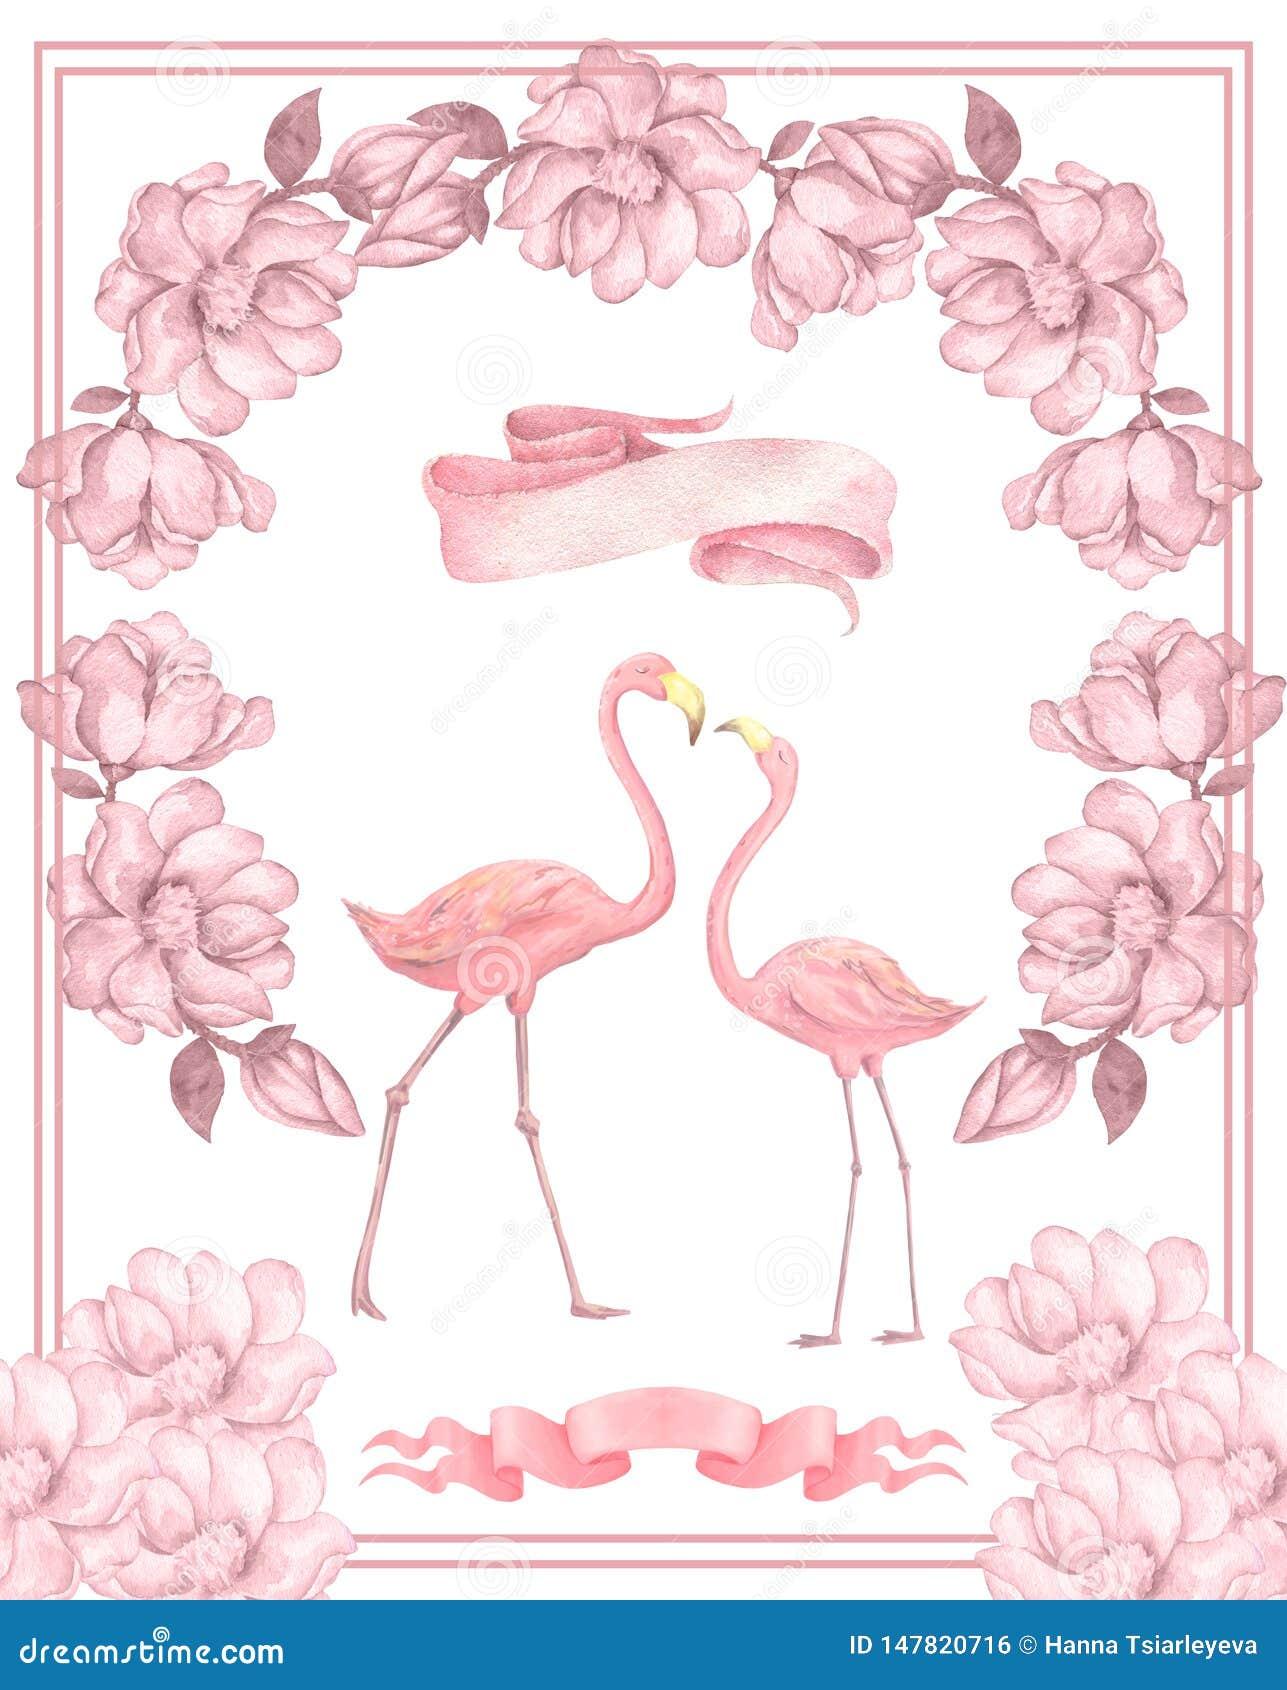 Flamingo Wedding Card Flamingo Engagement Card Flamingo Congratulations Card Flamingo Card Pink Flamingo Card Flamingo Marriage Card